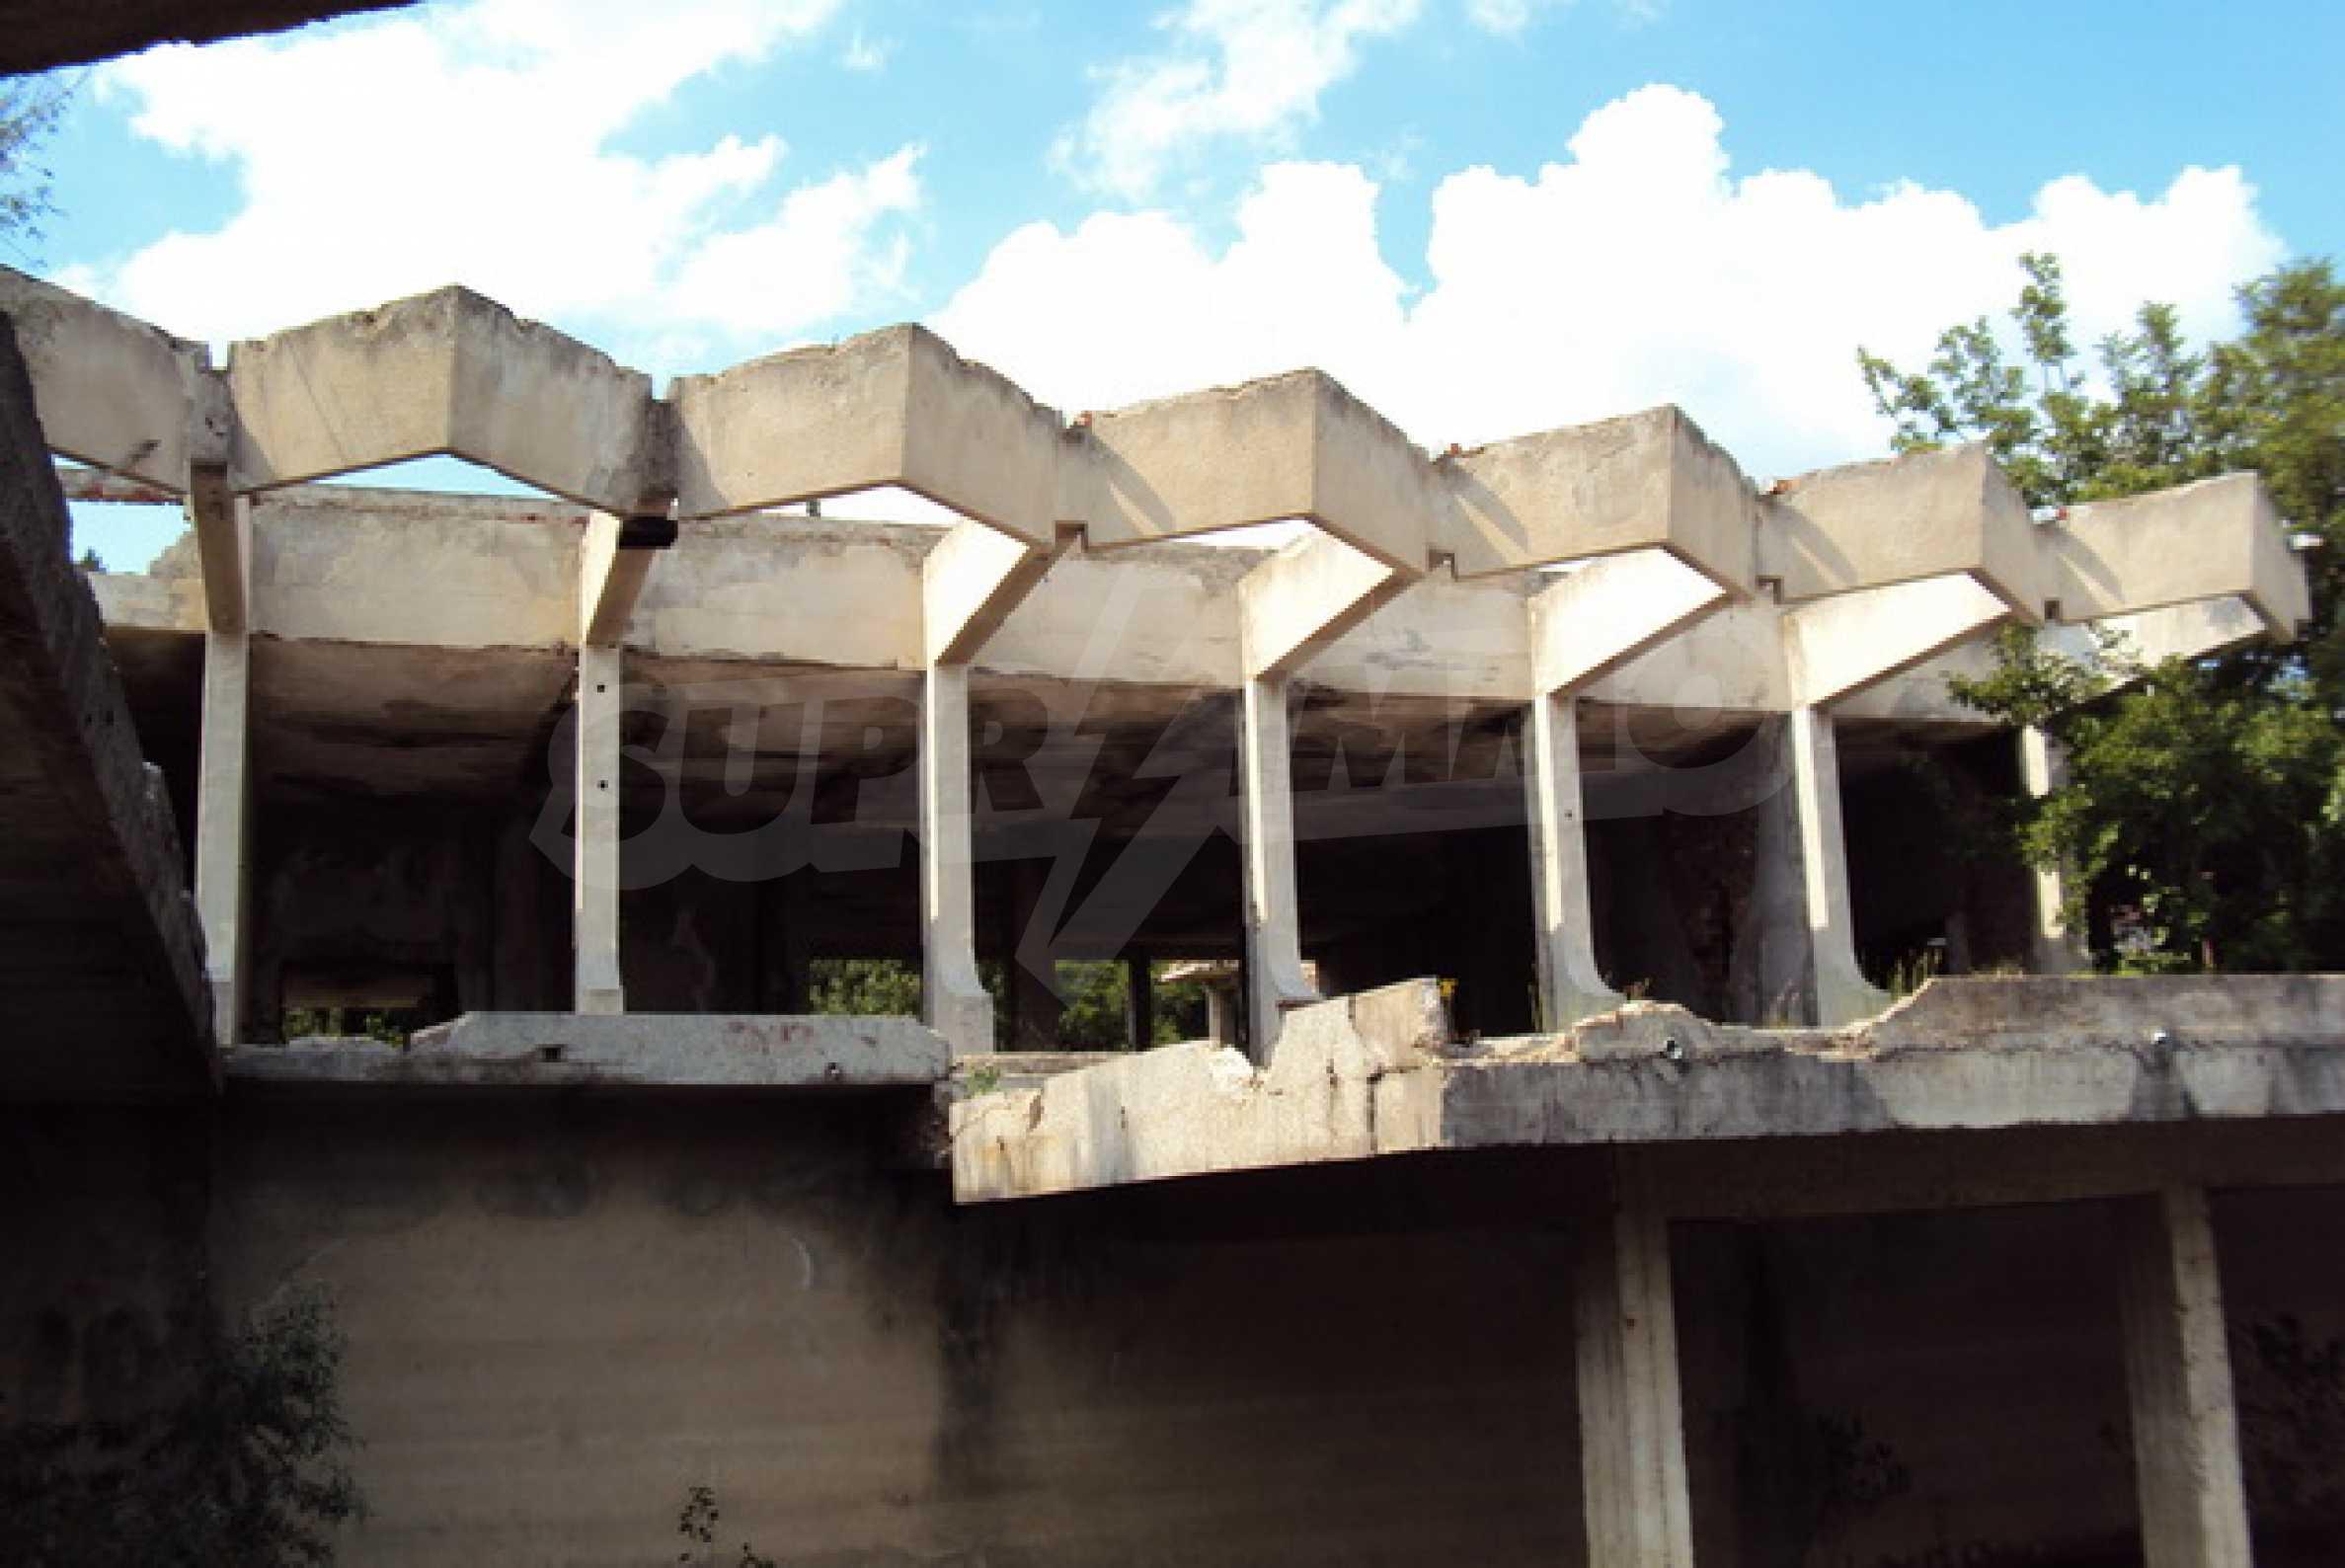 Продажа отеля/комплекса вблизи г. Велико Тырново 2